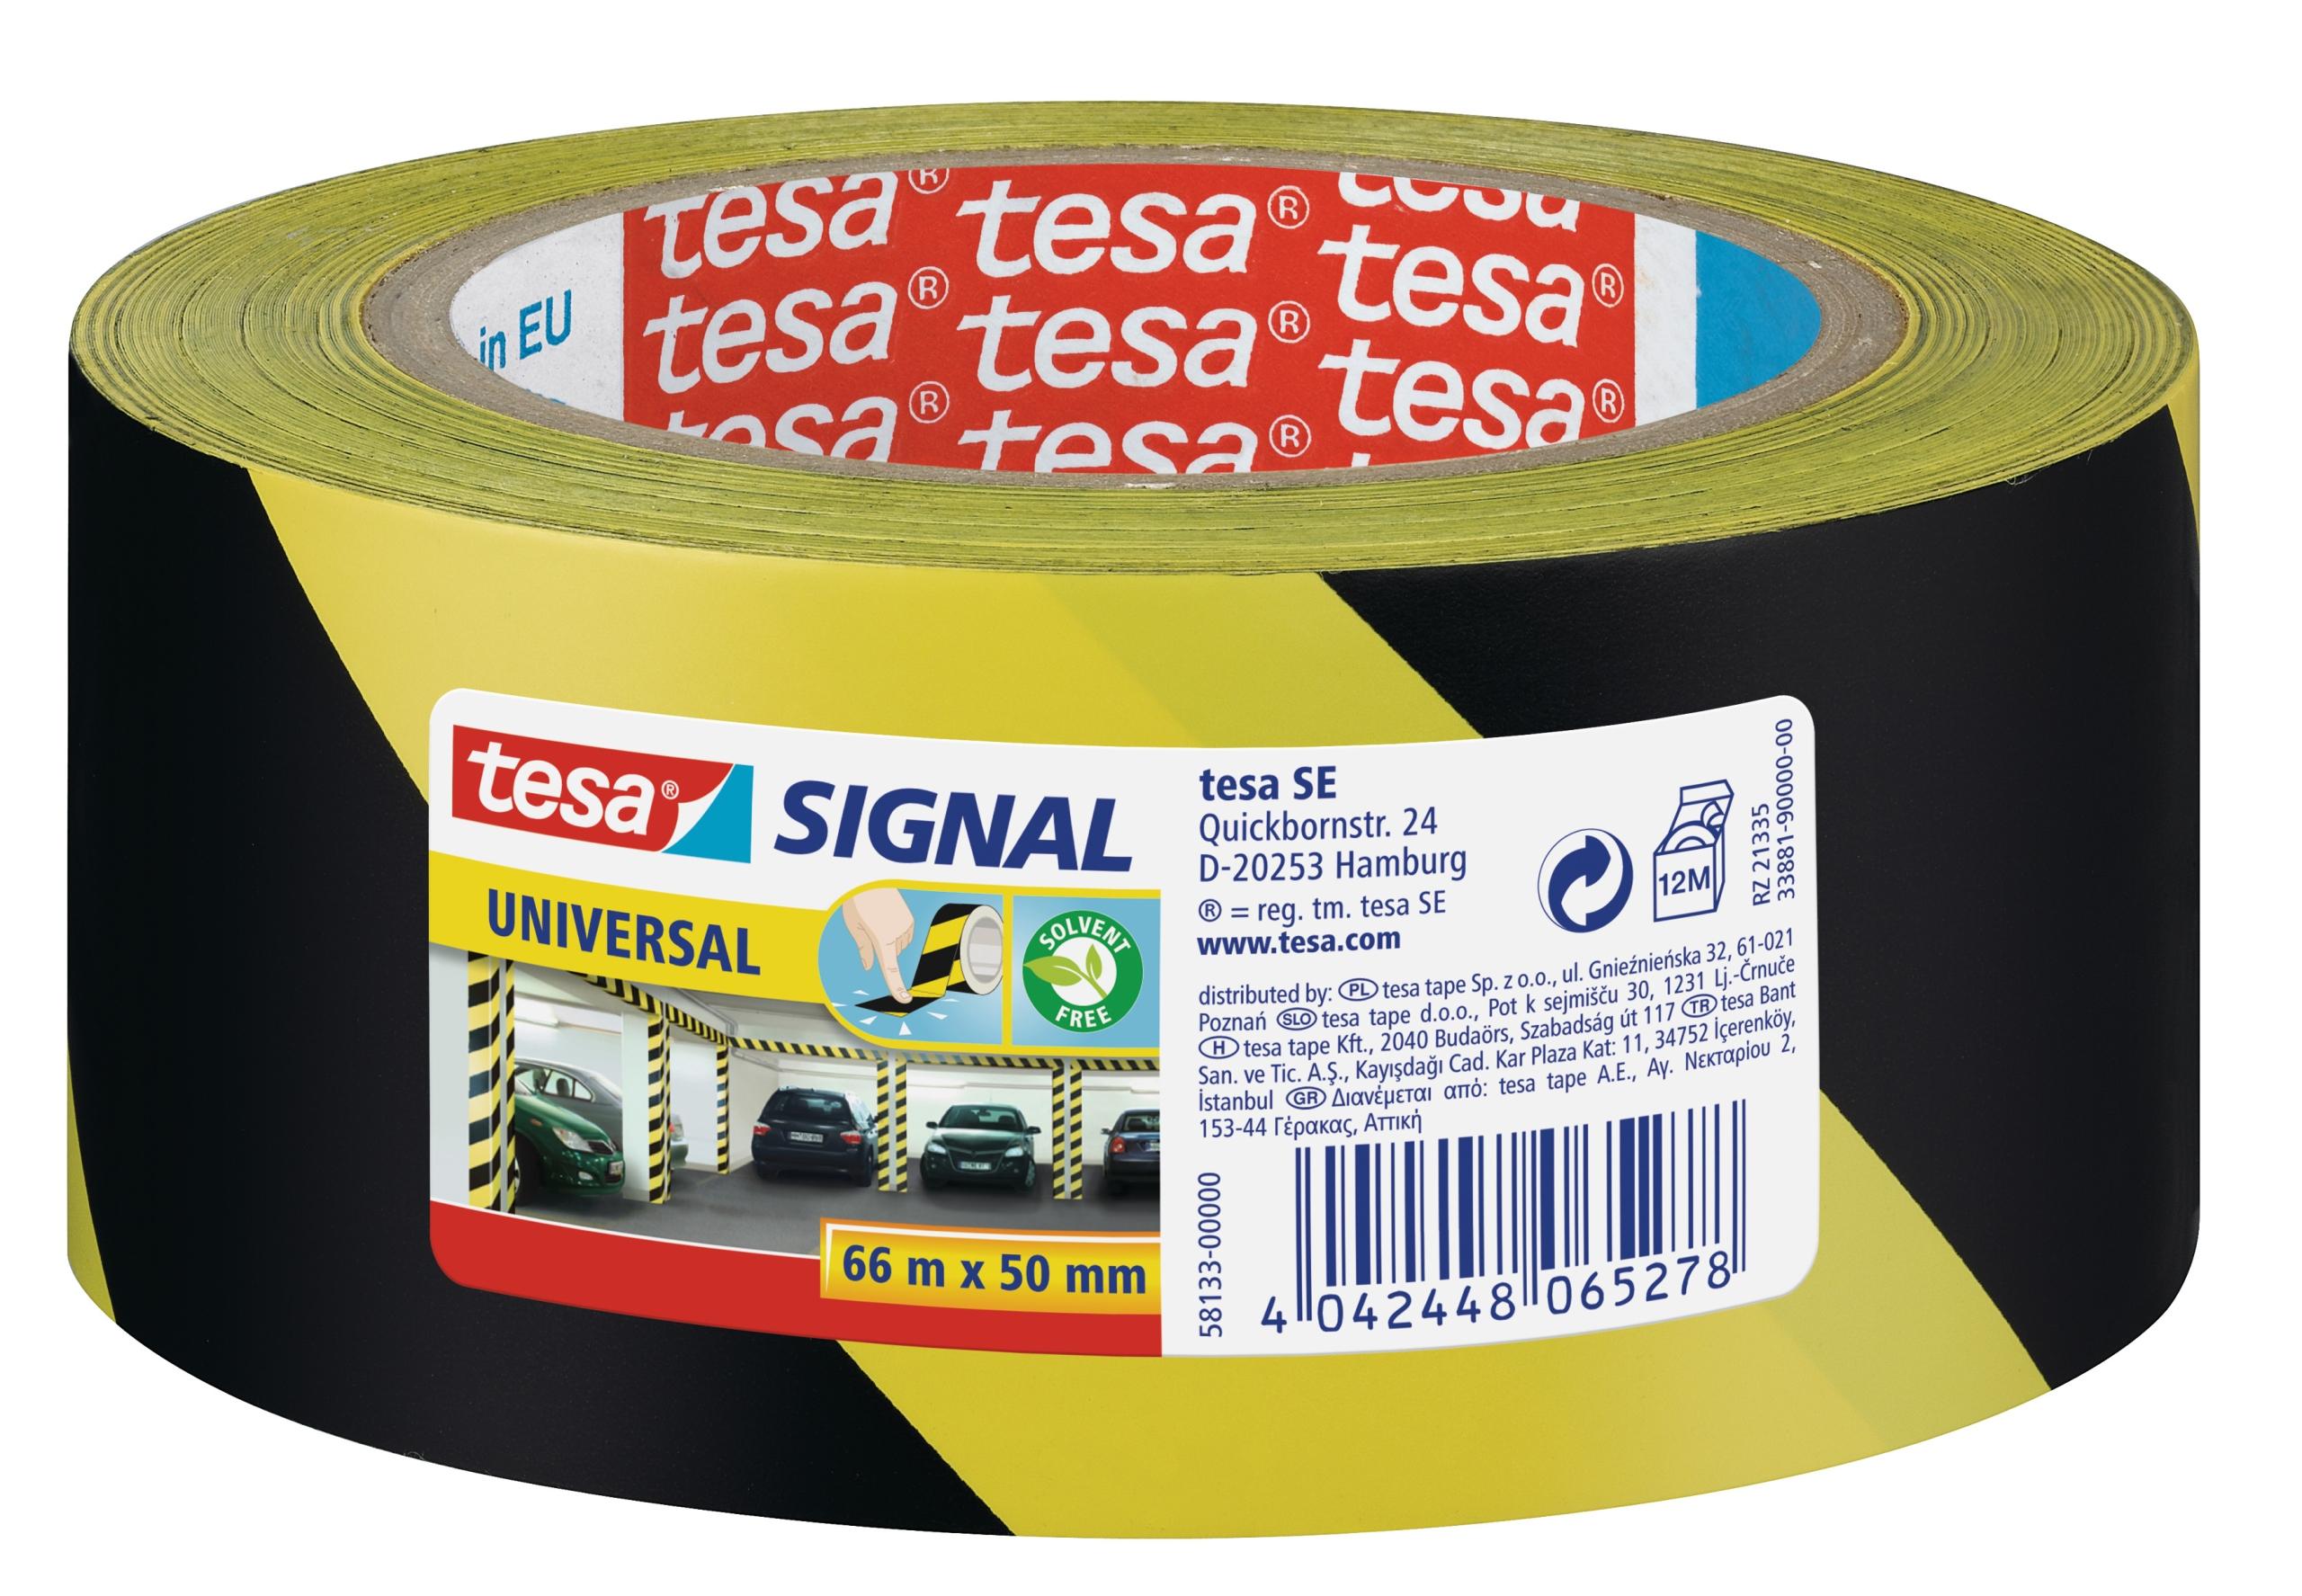 Предупреждающая лента tesa желтый черный 66m x 50mm